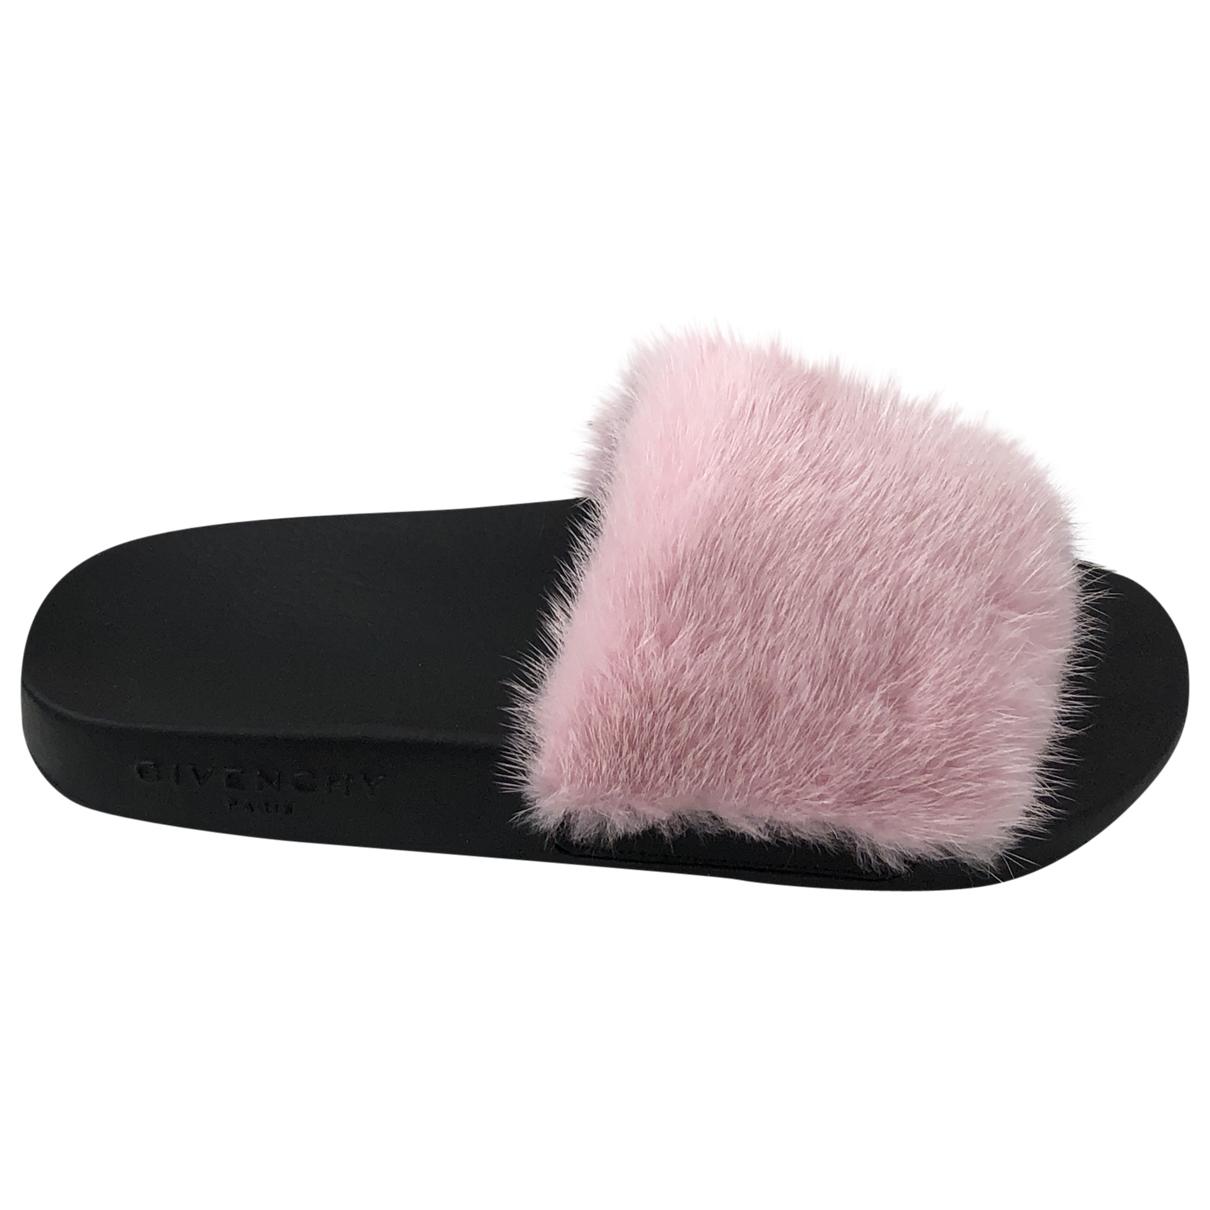 Givenchy - Sandales   pour femme en fourrure synthetique - rose